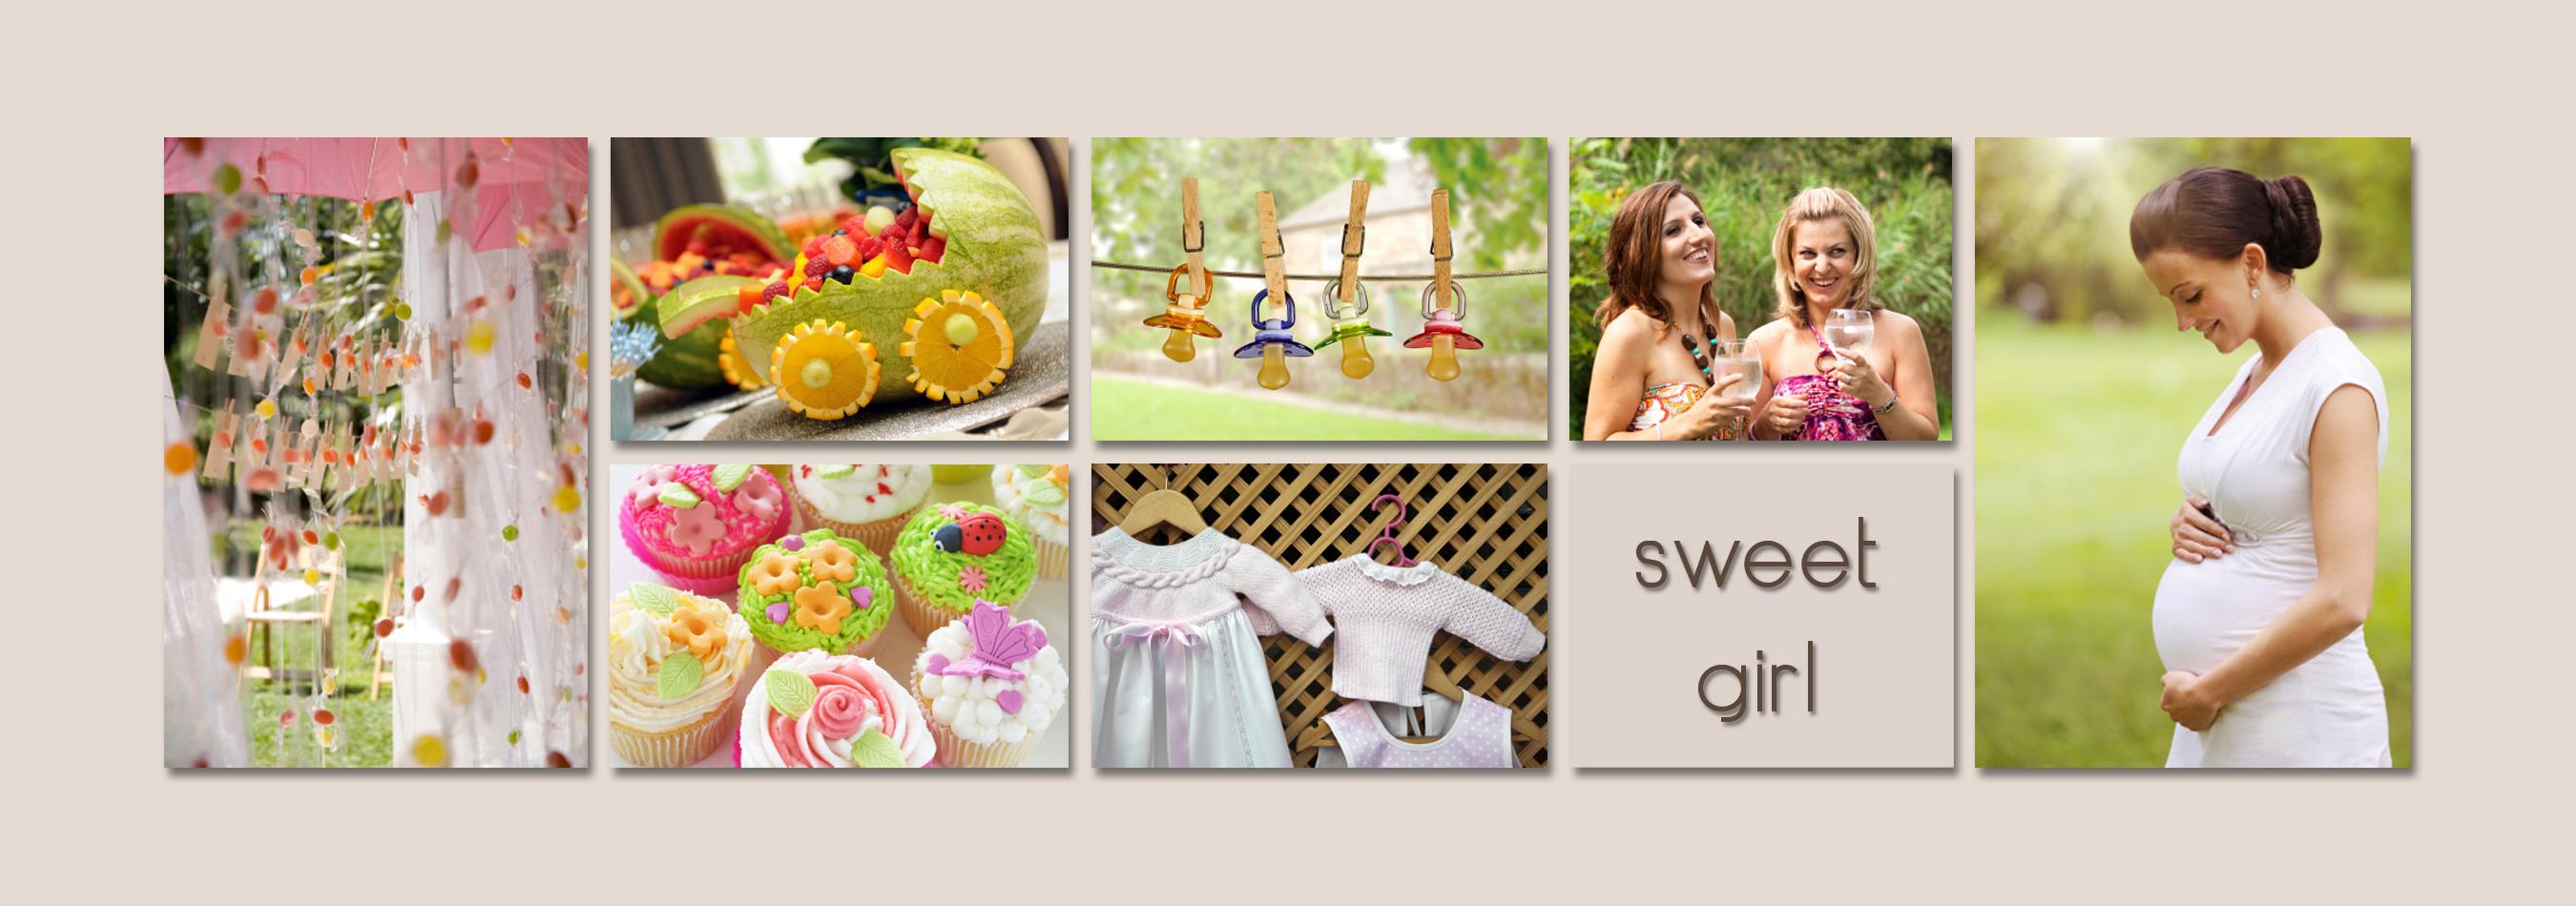 02_sweet-girl.jpg